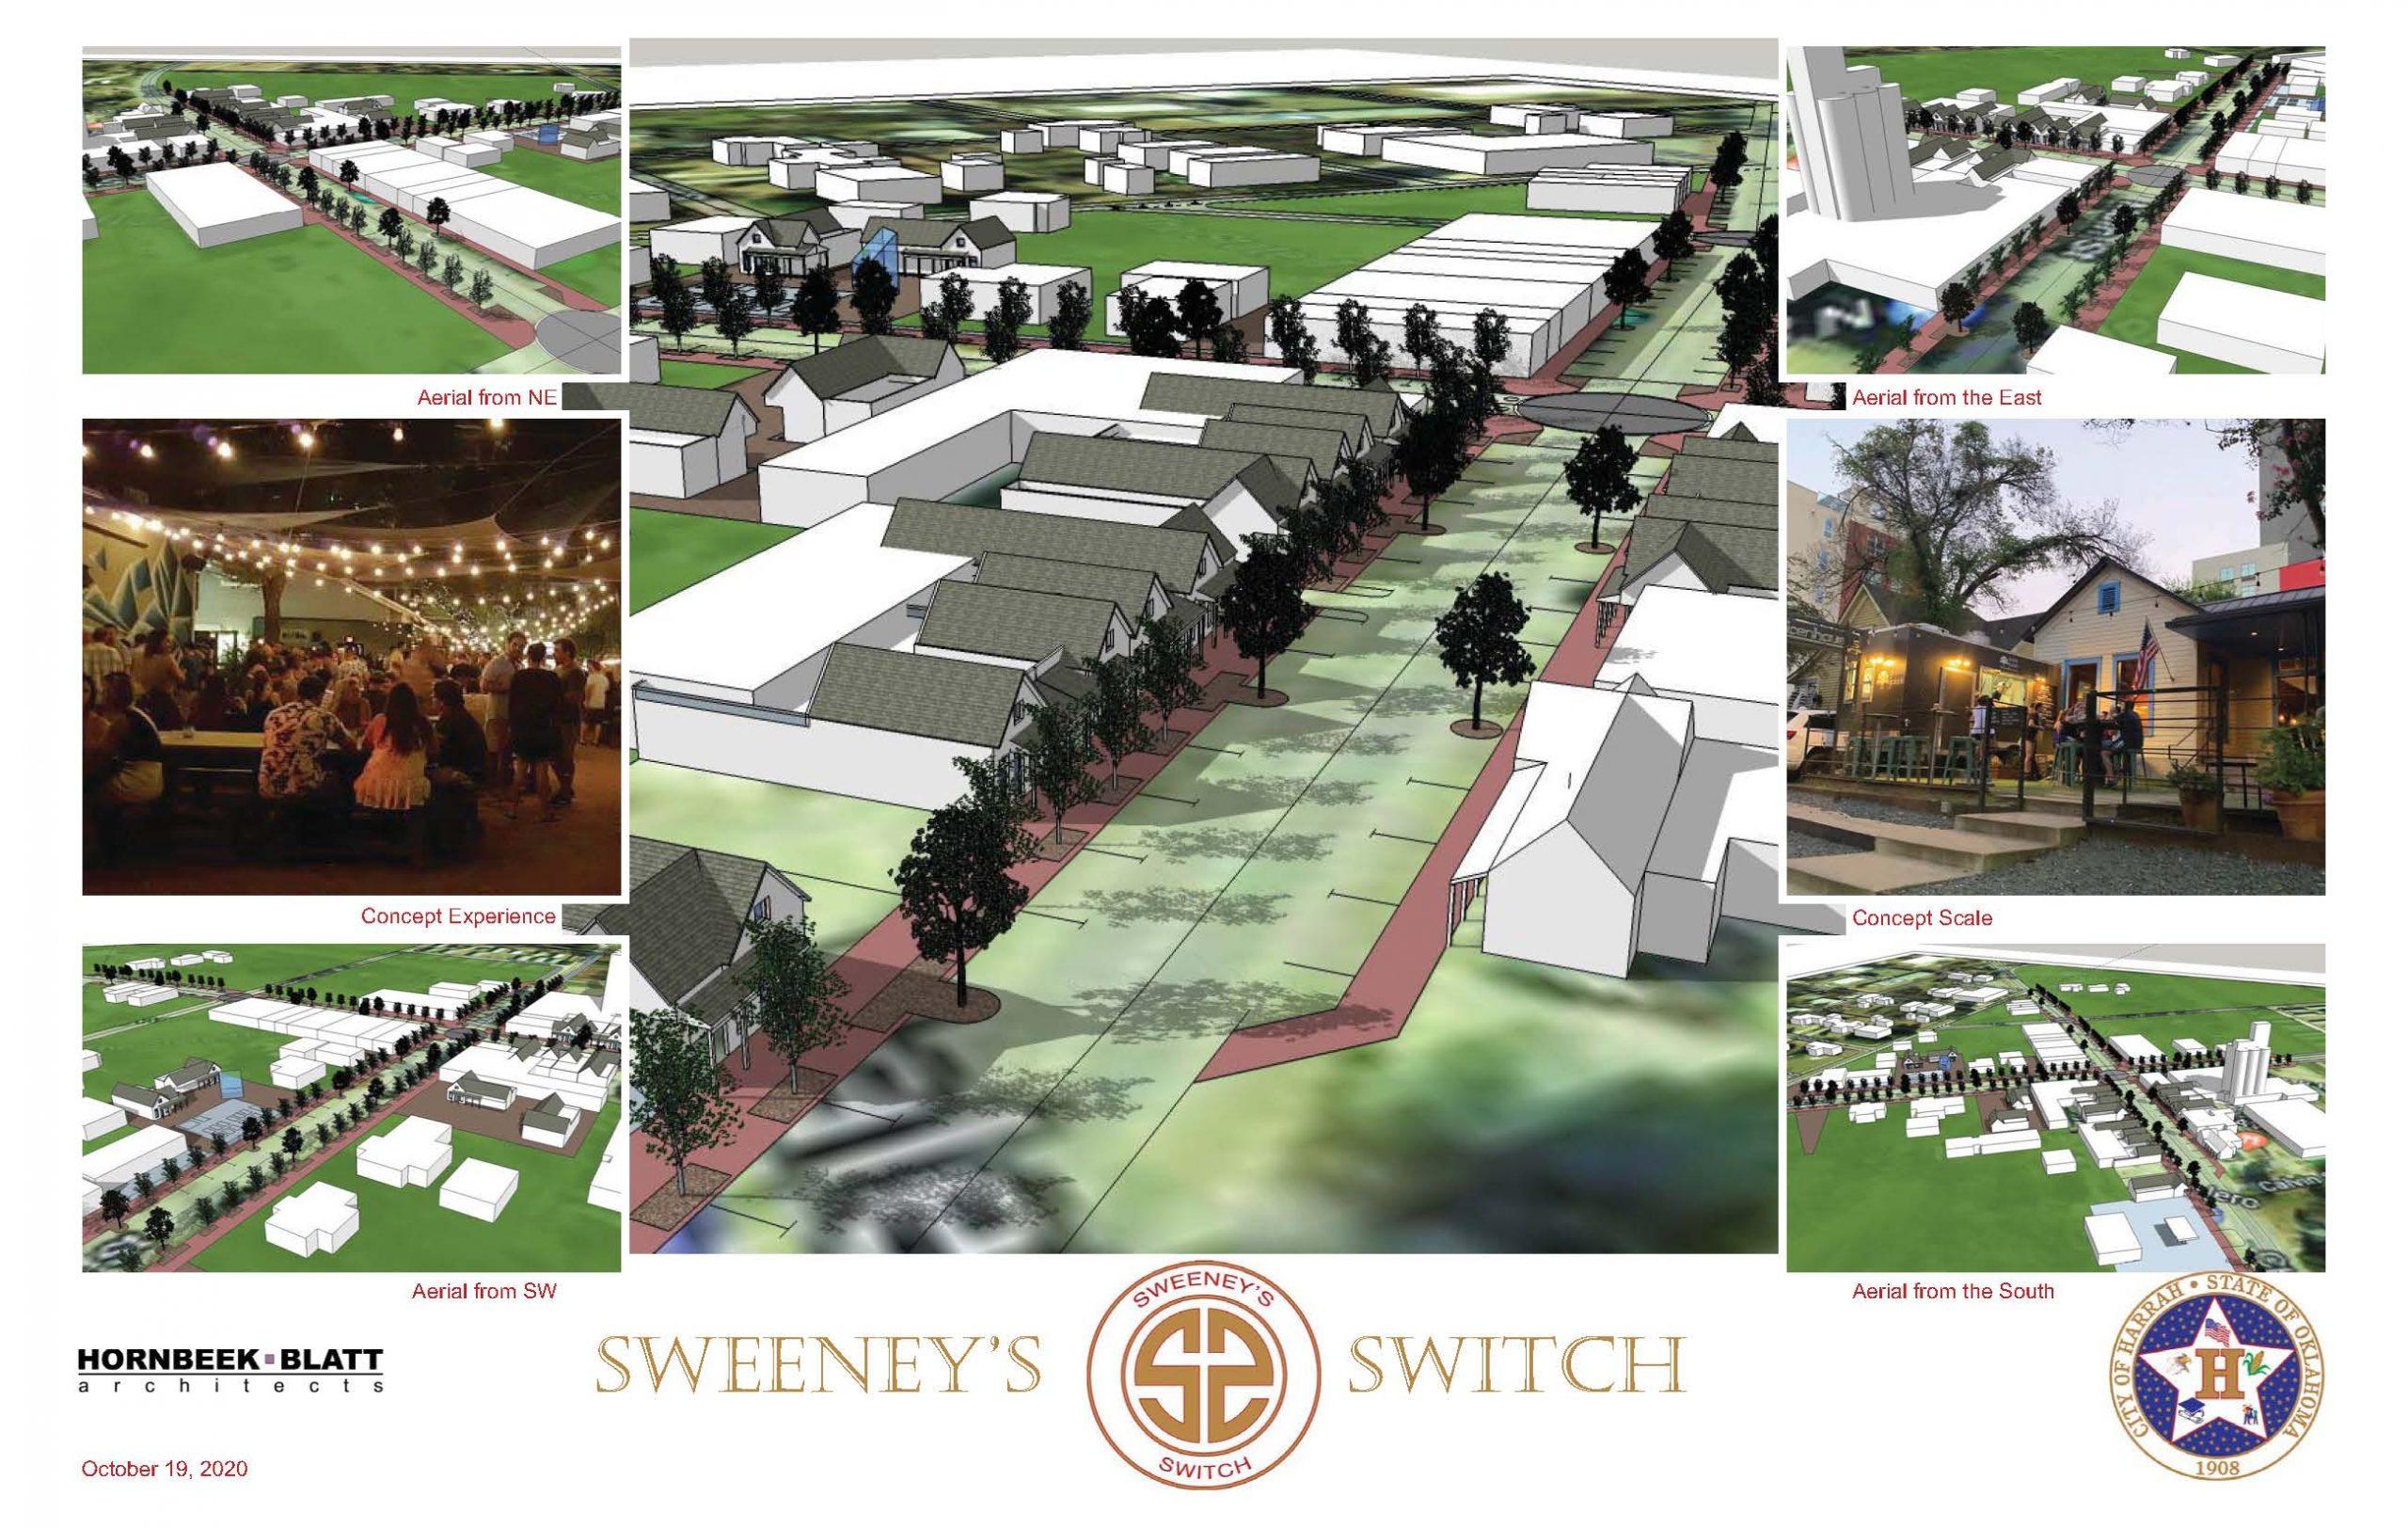 Sweeney's Switch